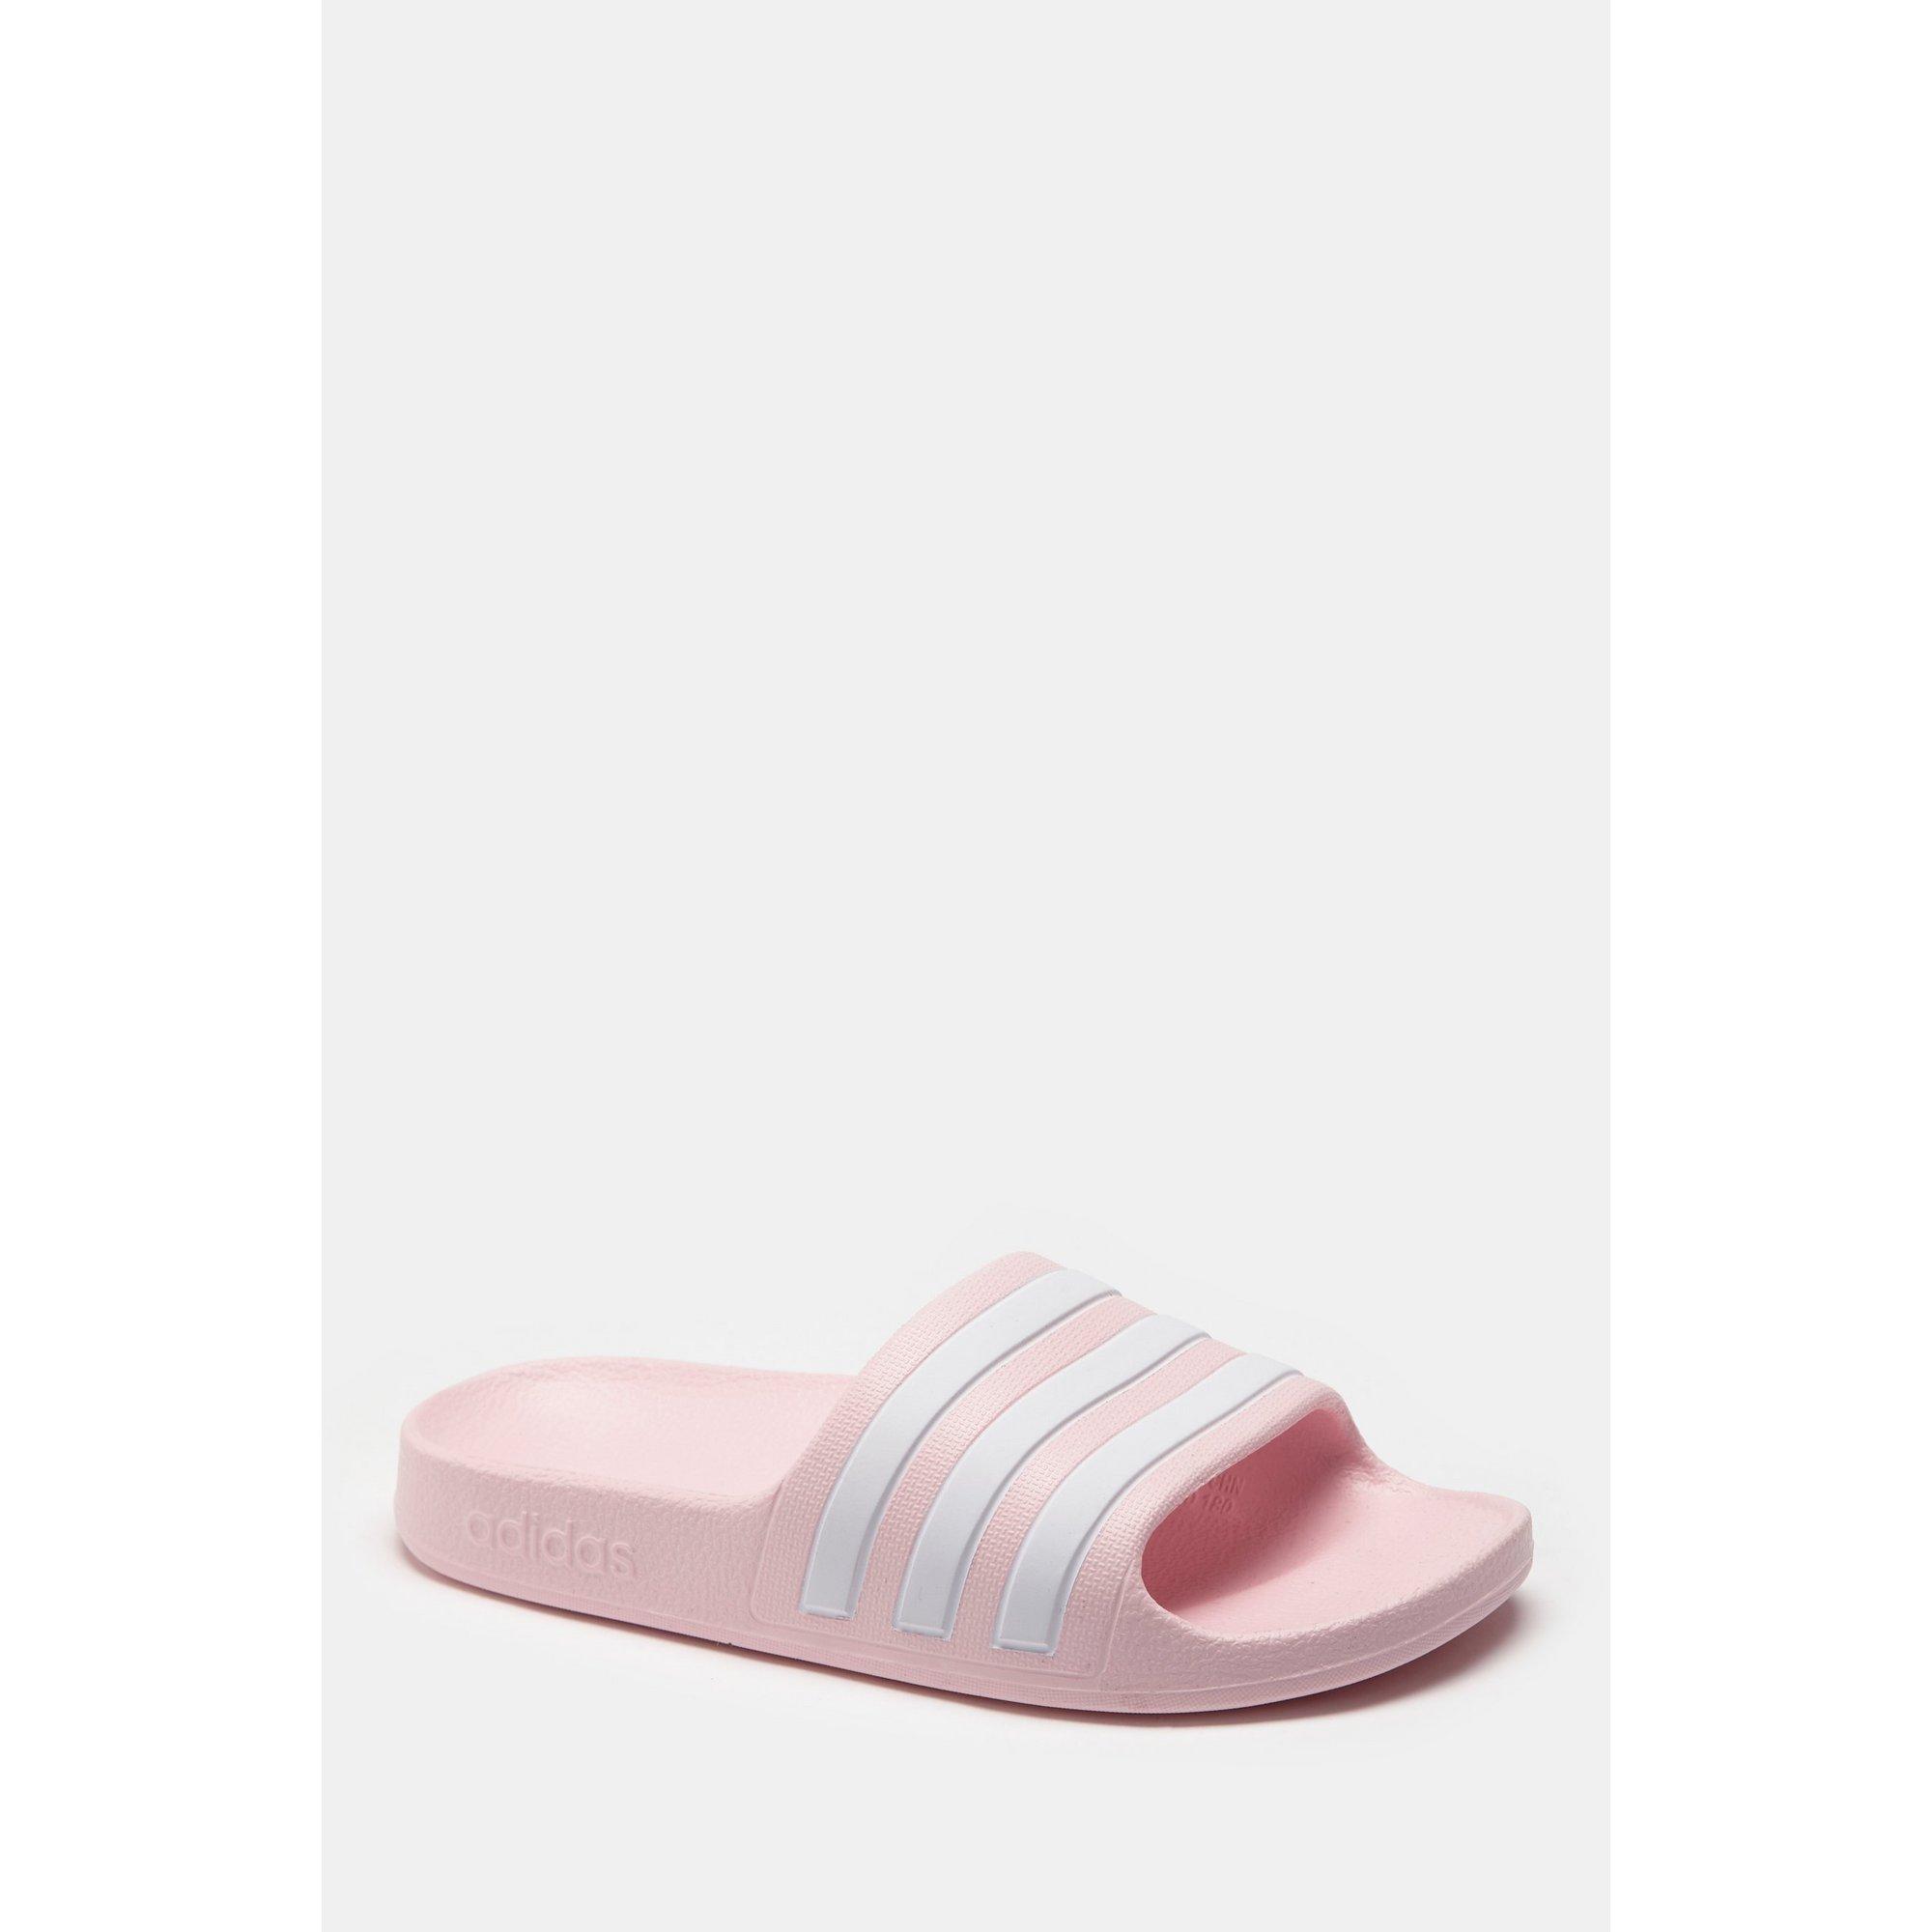 Image of adidas Adilette Aqua Pink Sliders